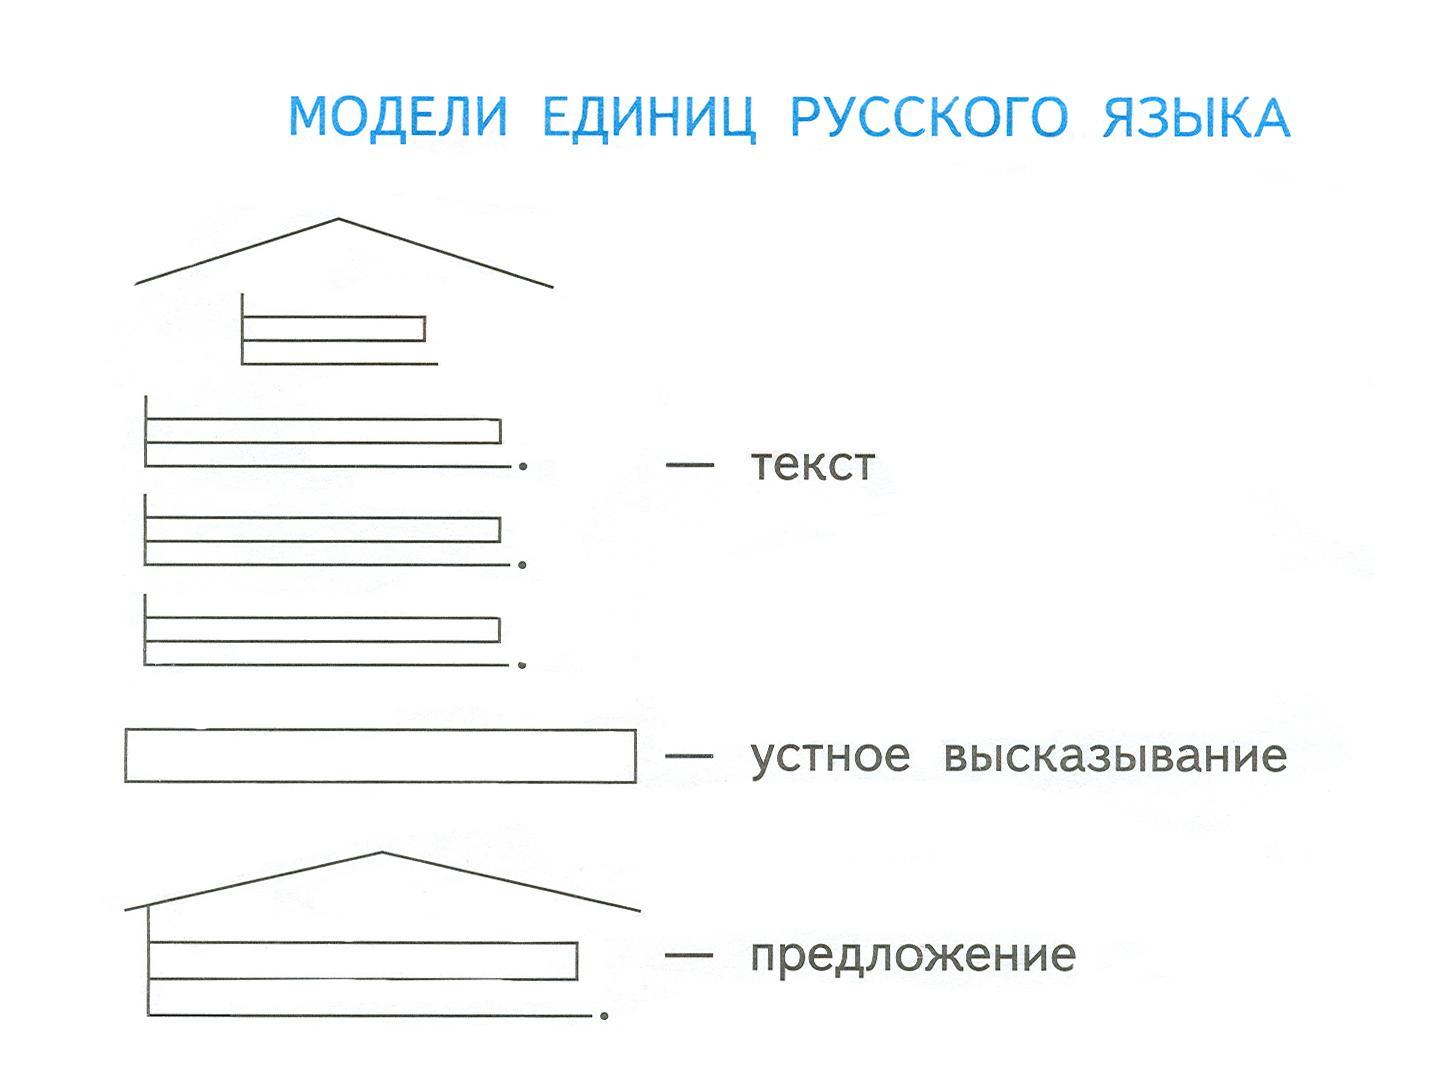 Схемы предложений 1 класс фото